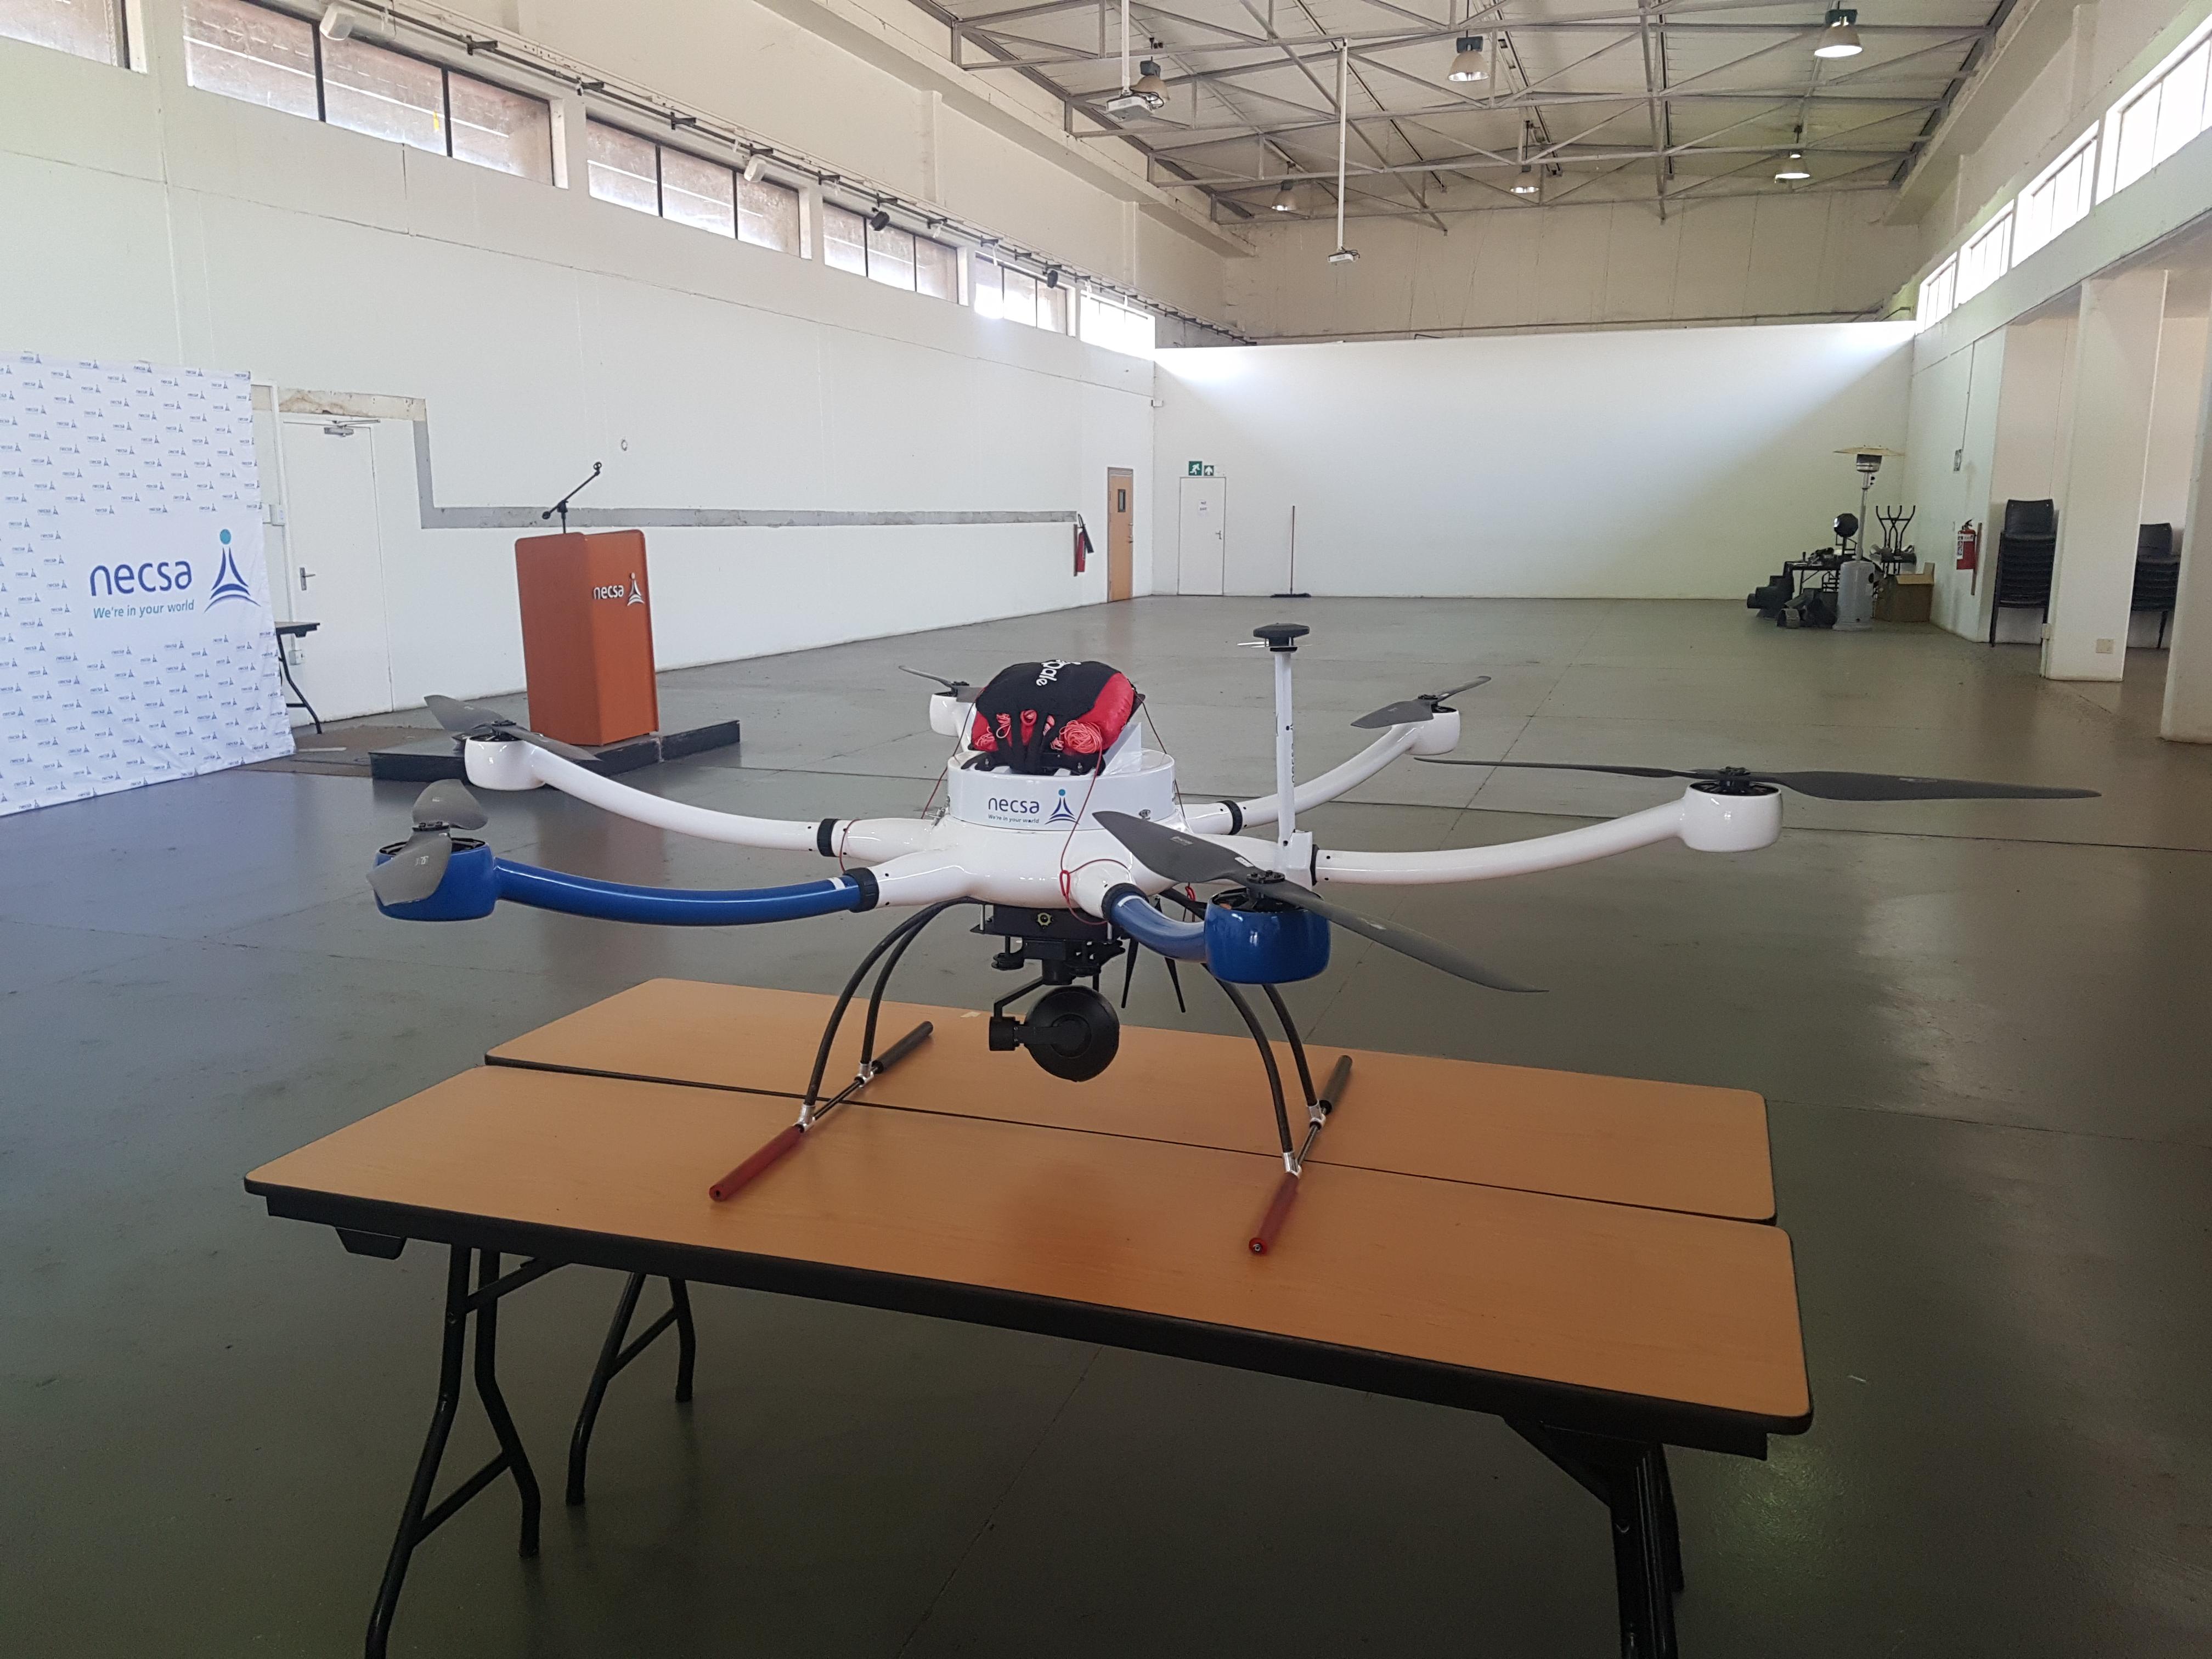 drone-cellulare